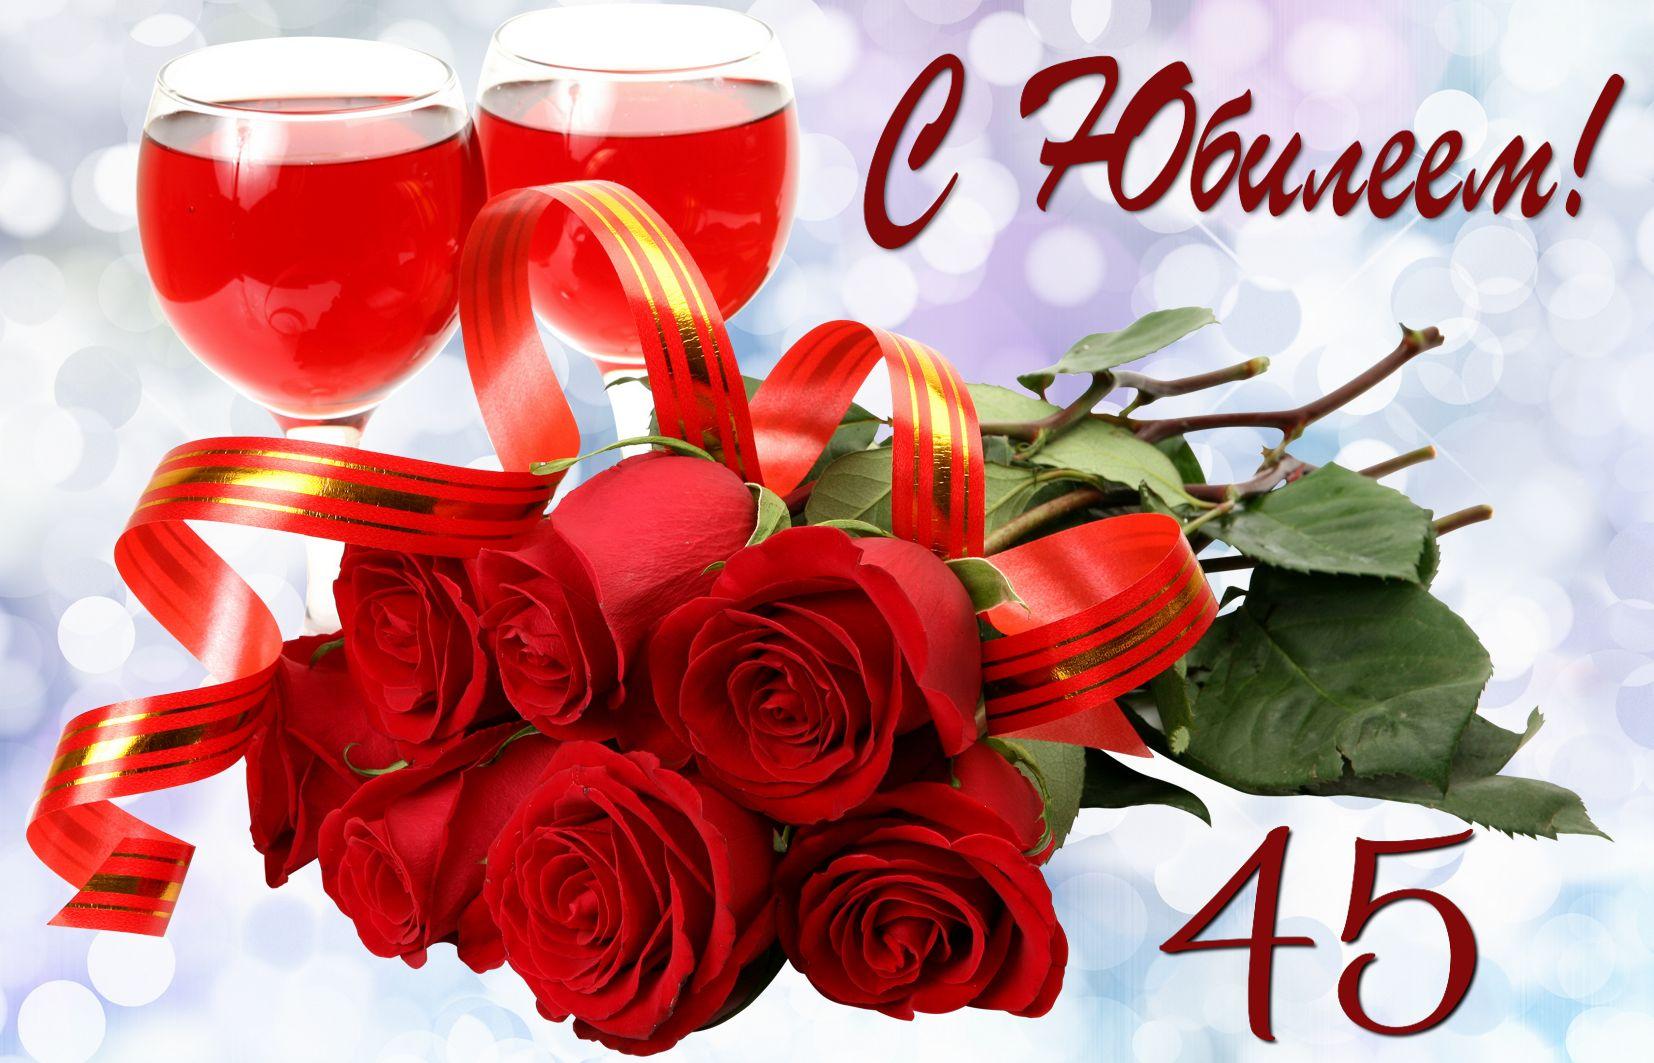 Открытка на 45 лет - букет роз и бокалы с вином к юбилею